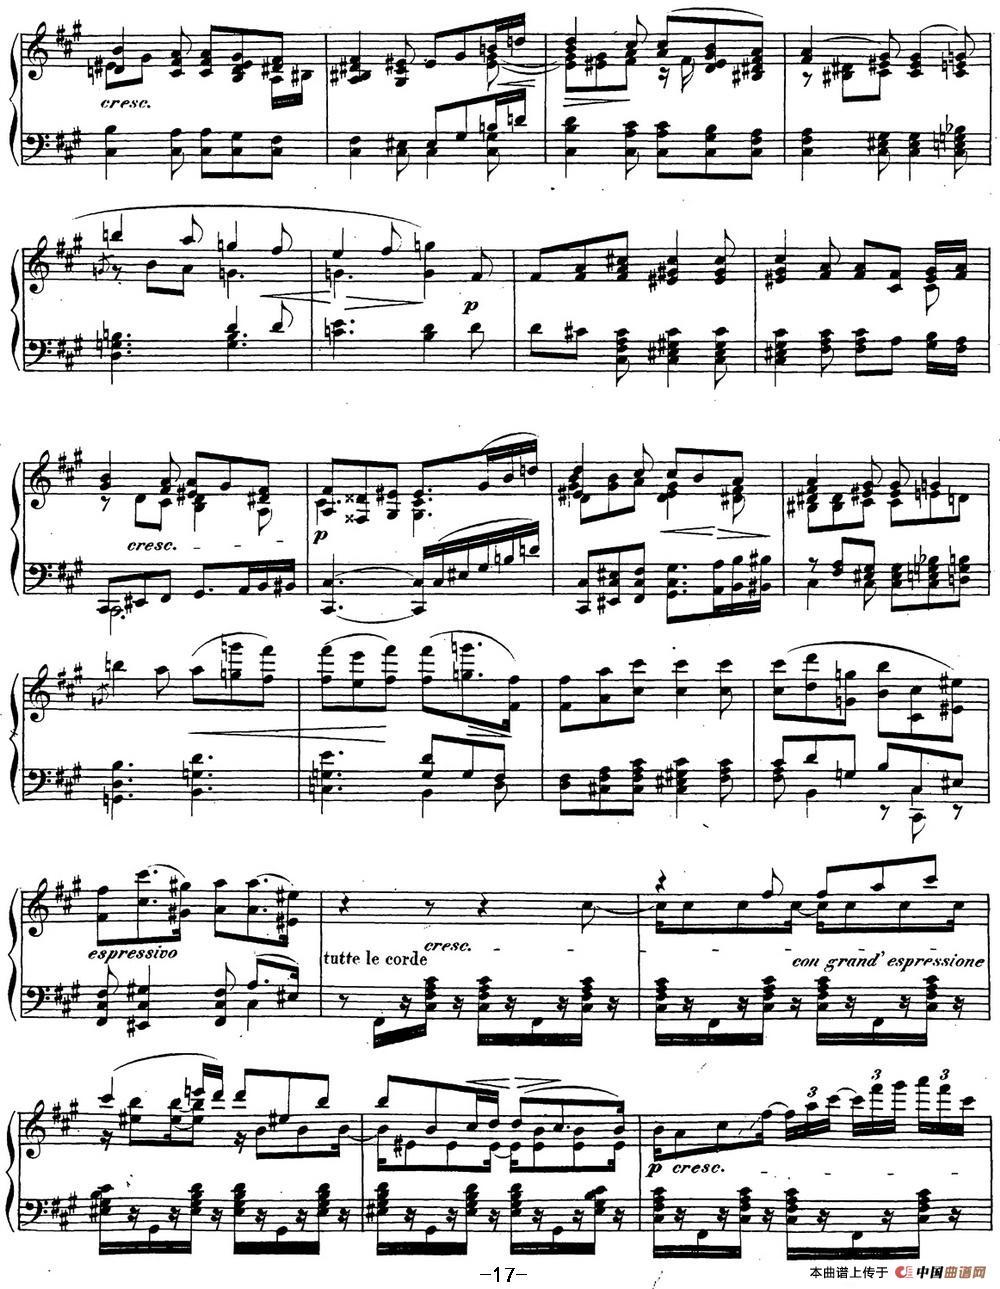 贝多芬钢琴奏鸣曲29 钢琴(锥子键琴)降B大调 Op.106 B-flat major(1)_原文件名:29 钢琴(锥子键琴)降B大调 Op106 B-flat major_页面_19.jpg